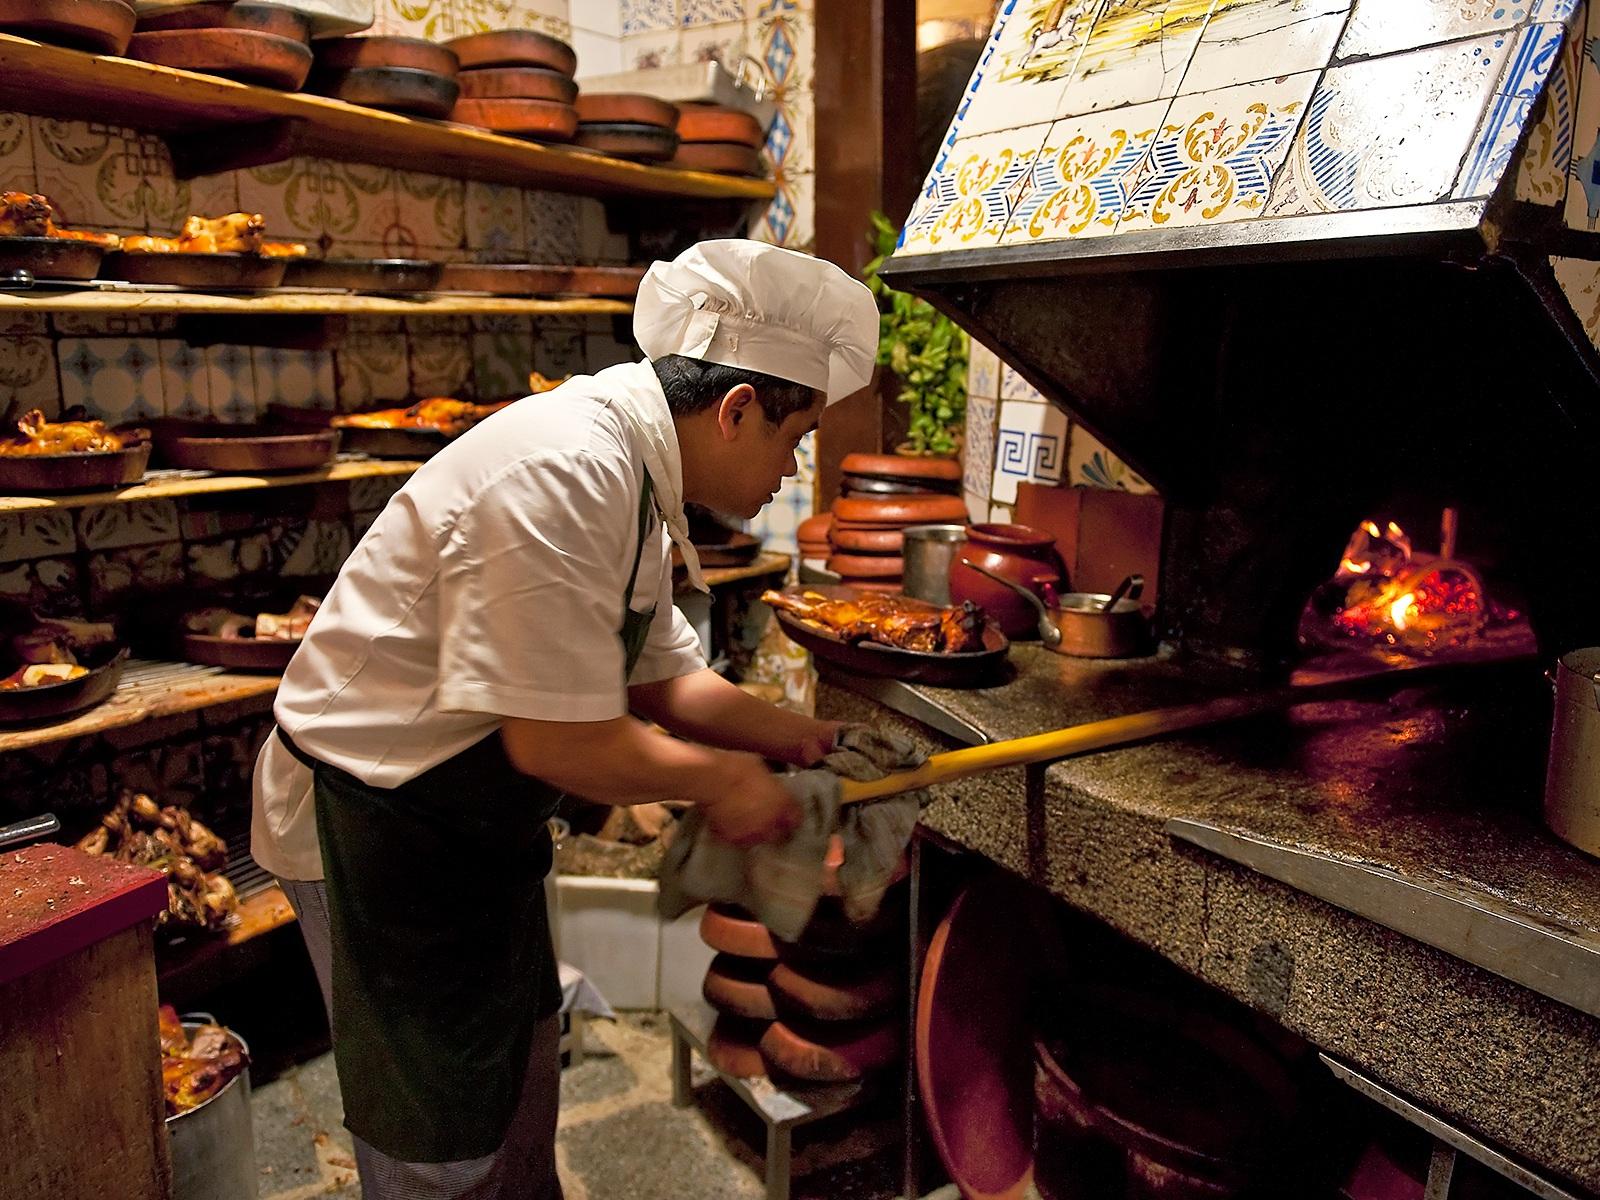 Đặc sản bên trong nhà hàng suốt 295 năm chưa bao giờ đóng cửa - 11